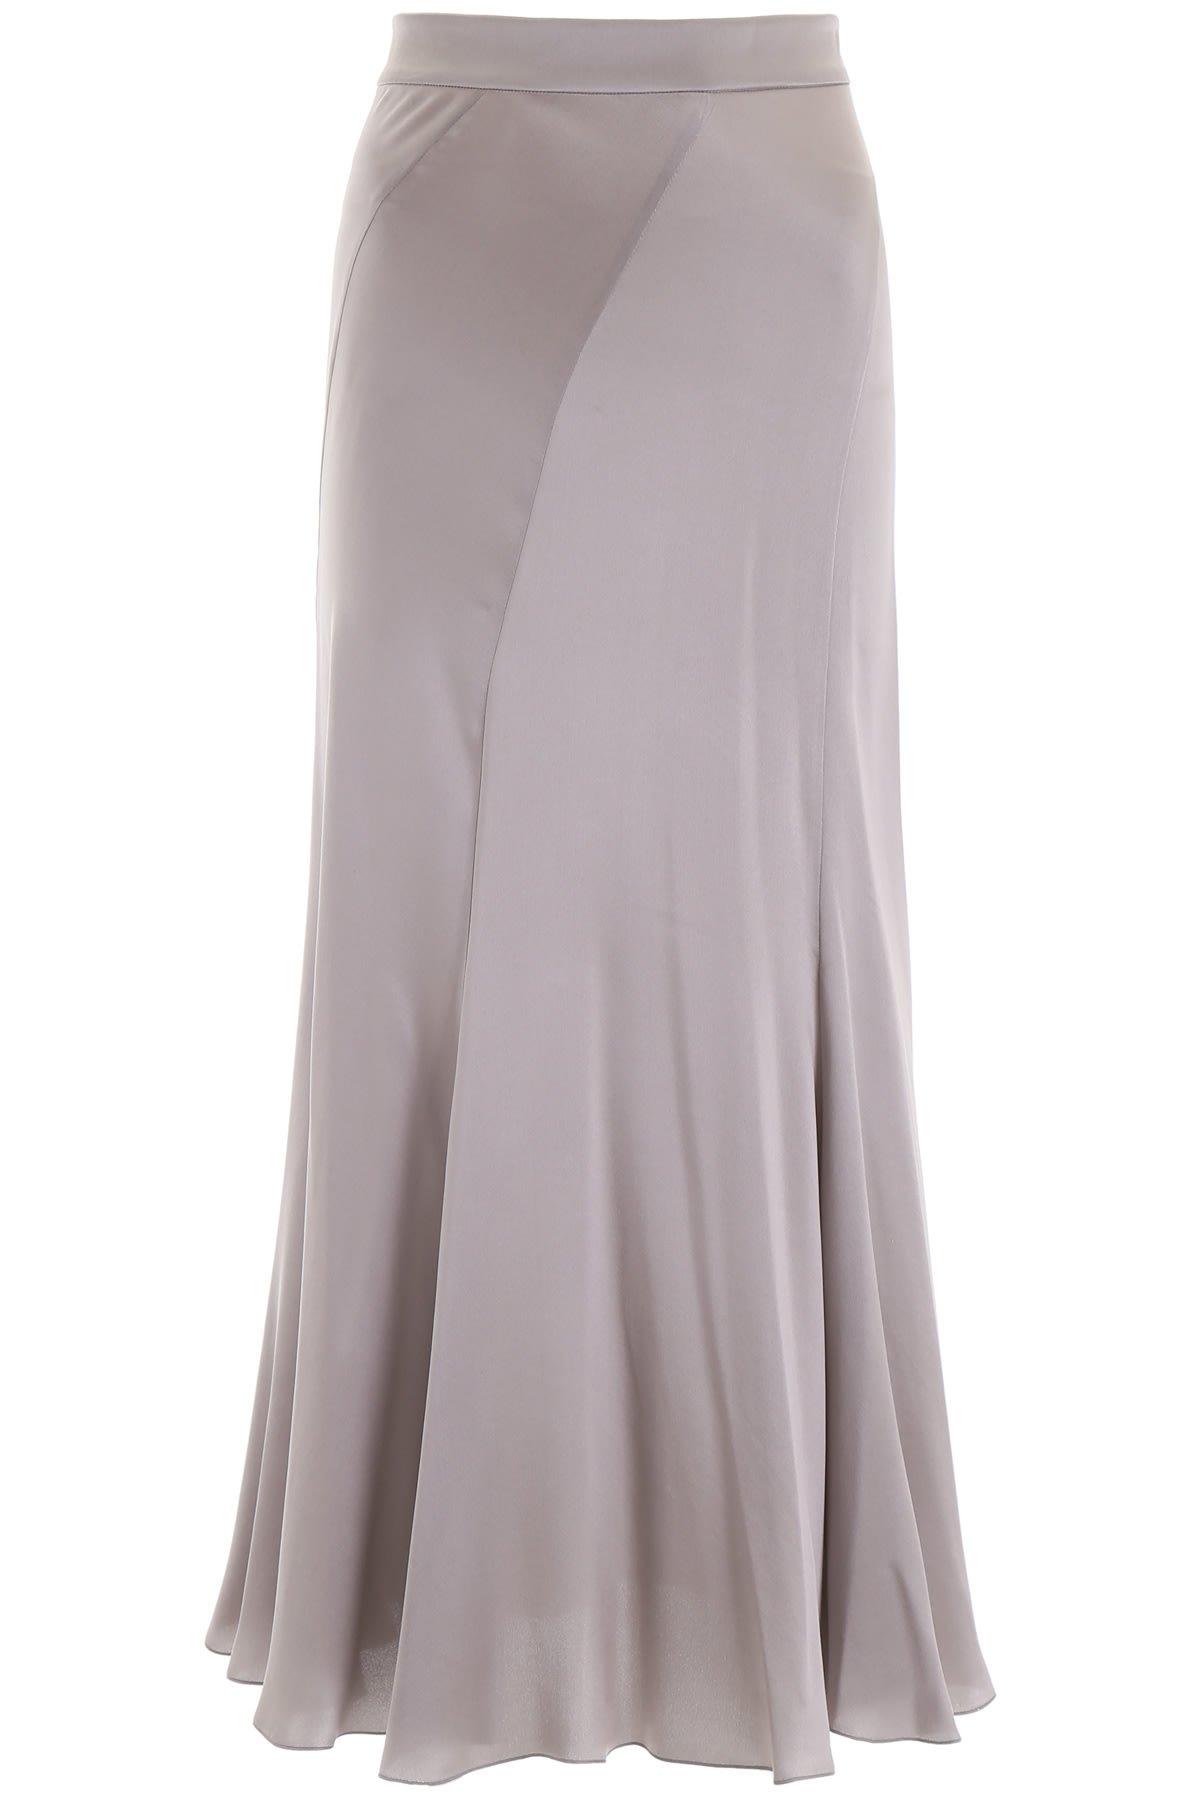 Alberta Ferretti Silk Satin Skirt